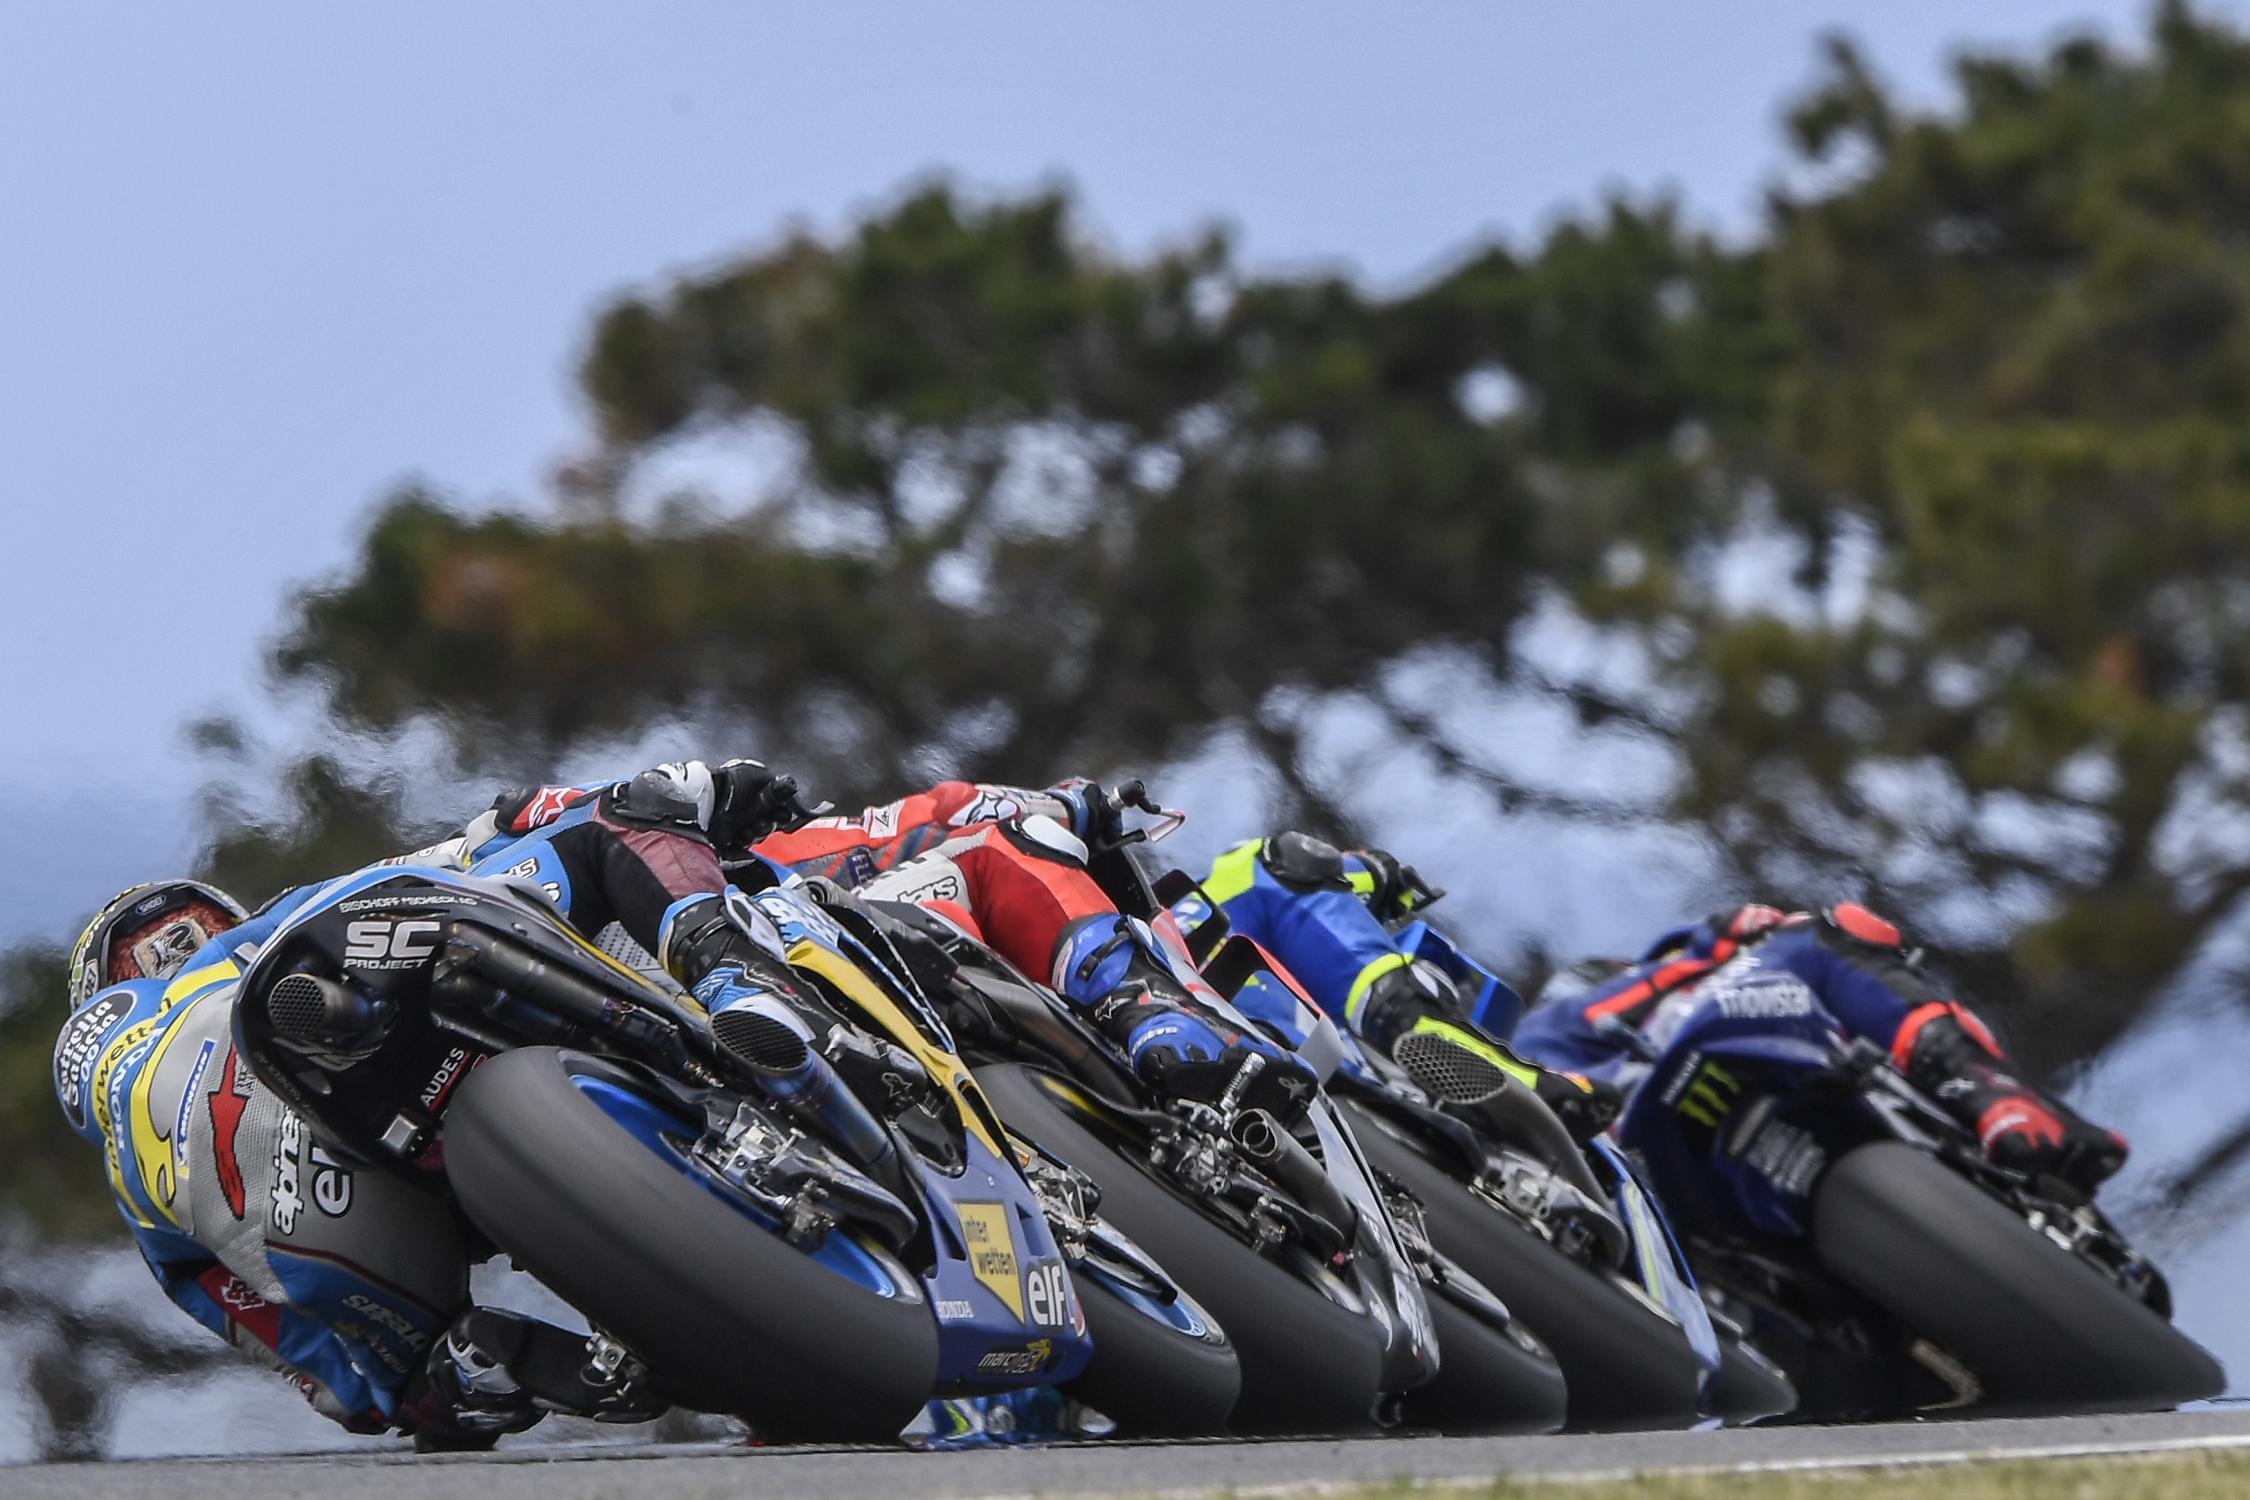 Výsledky závodů MotoGP Austrálie 2018